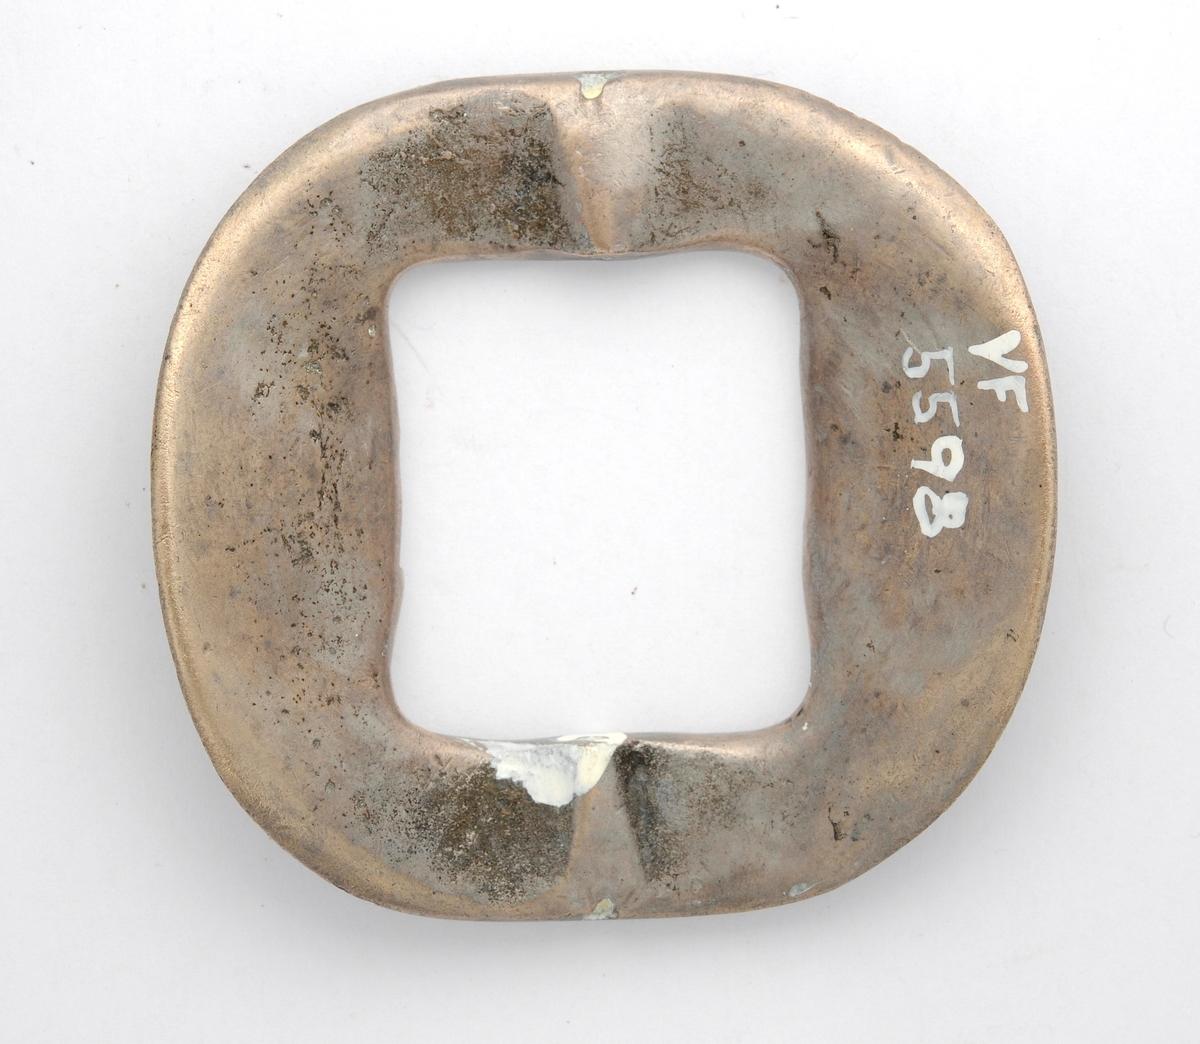 Skospenne i støypt messing belagt med tinn på framsida (?). Hol tvers gjennom spenna til å feste stolpen i. Pedant til VFF 05597.